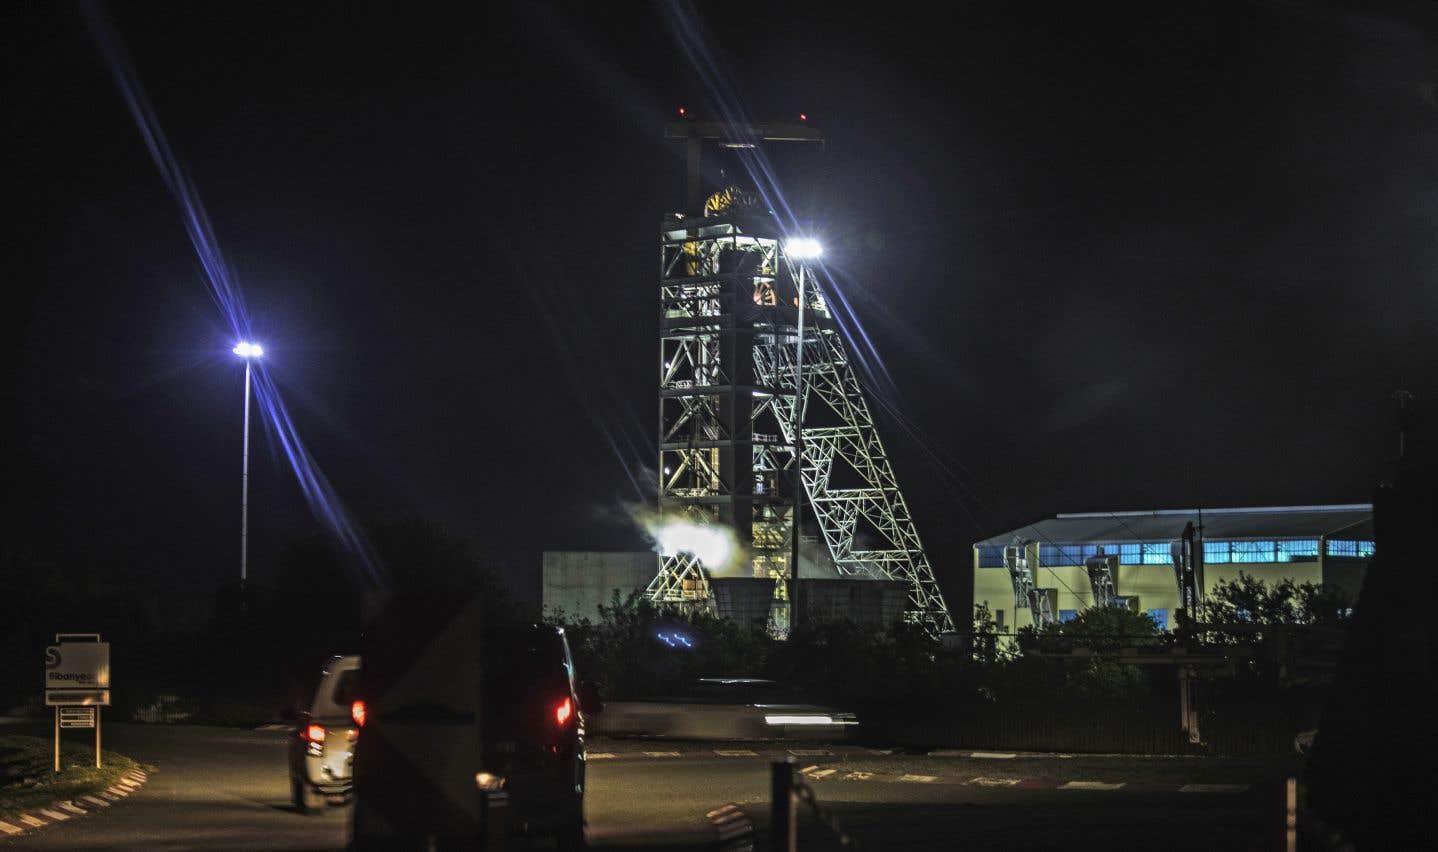 Une panne d'électricité a provoqué l'arrêt des ascenseurs et empêché dans la matinée la remontée de l'équipe de nuit de la mine de Beatrix, près de la ville de Welkom, en Afrique du Sud.